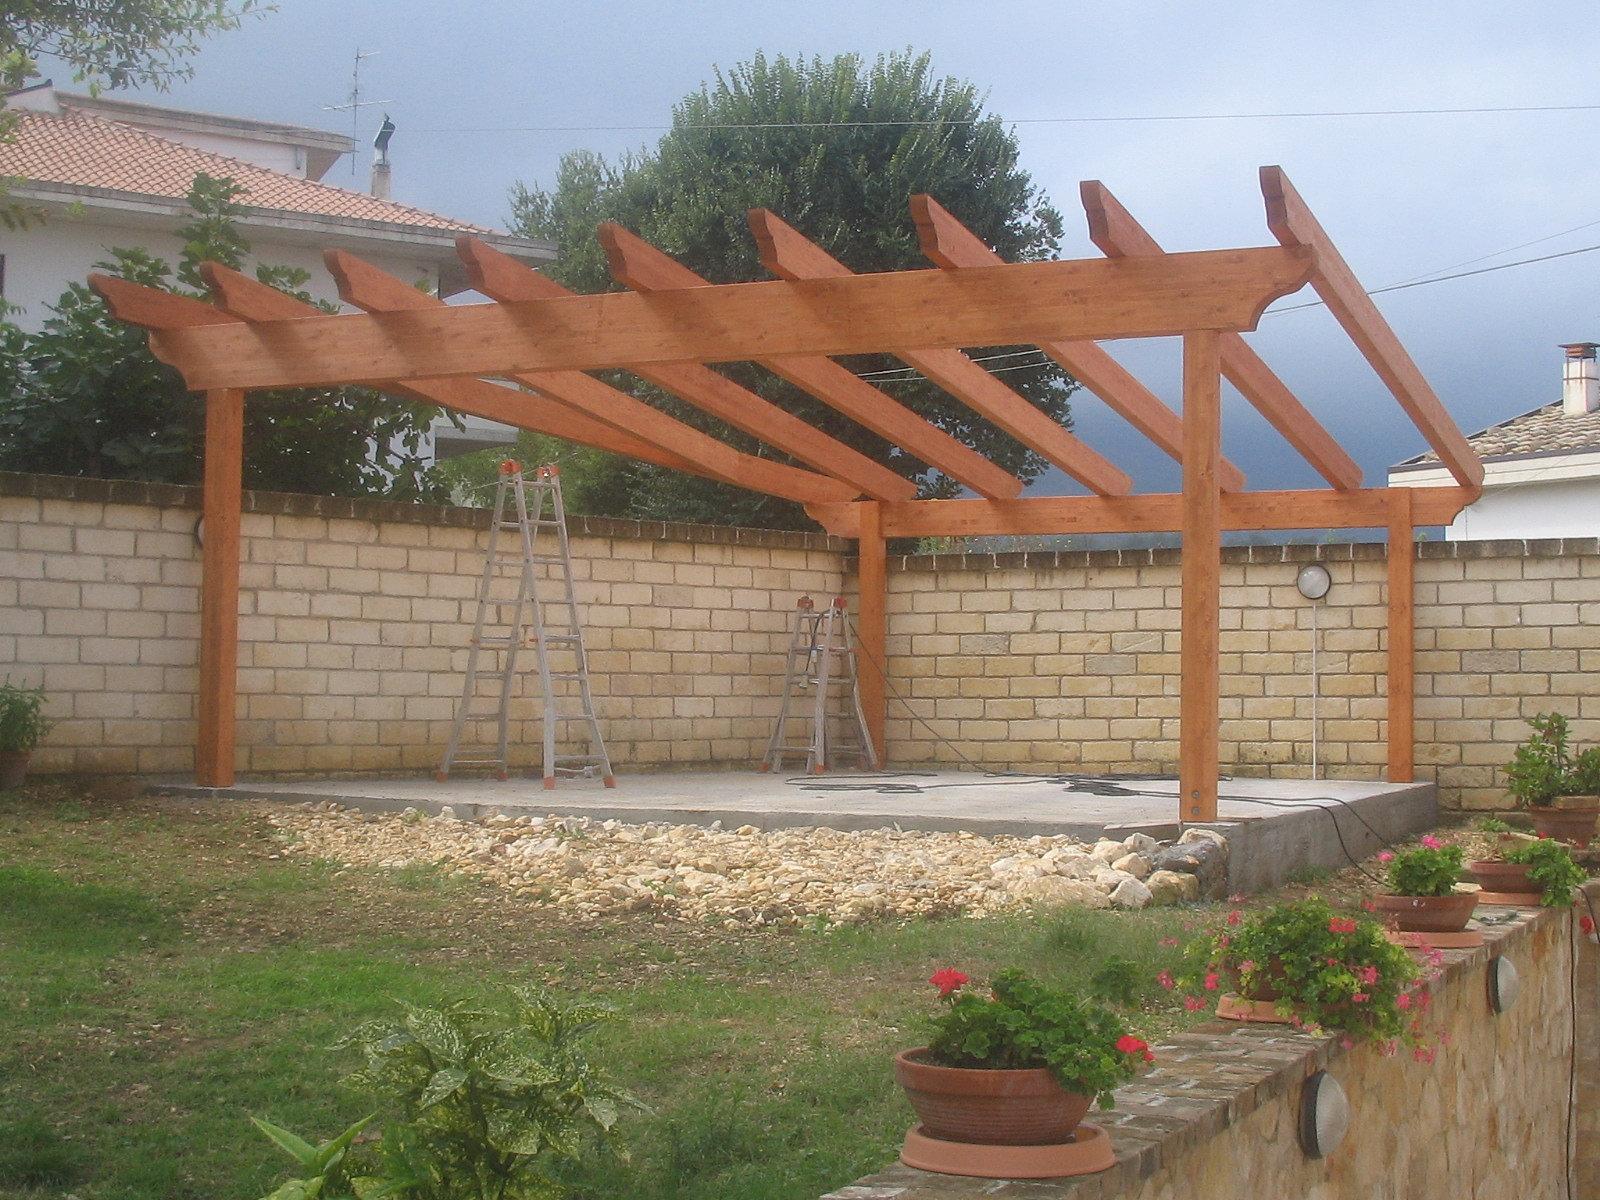 strutture per esterno in legno lamellare in Abruzzo - Chieti - Pescara